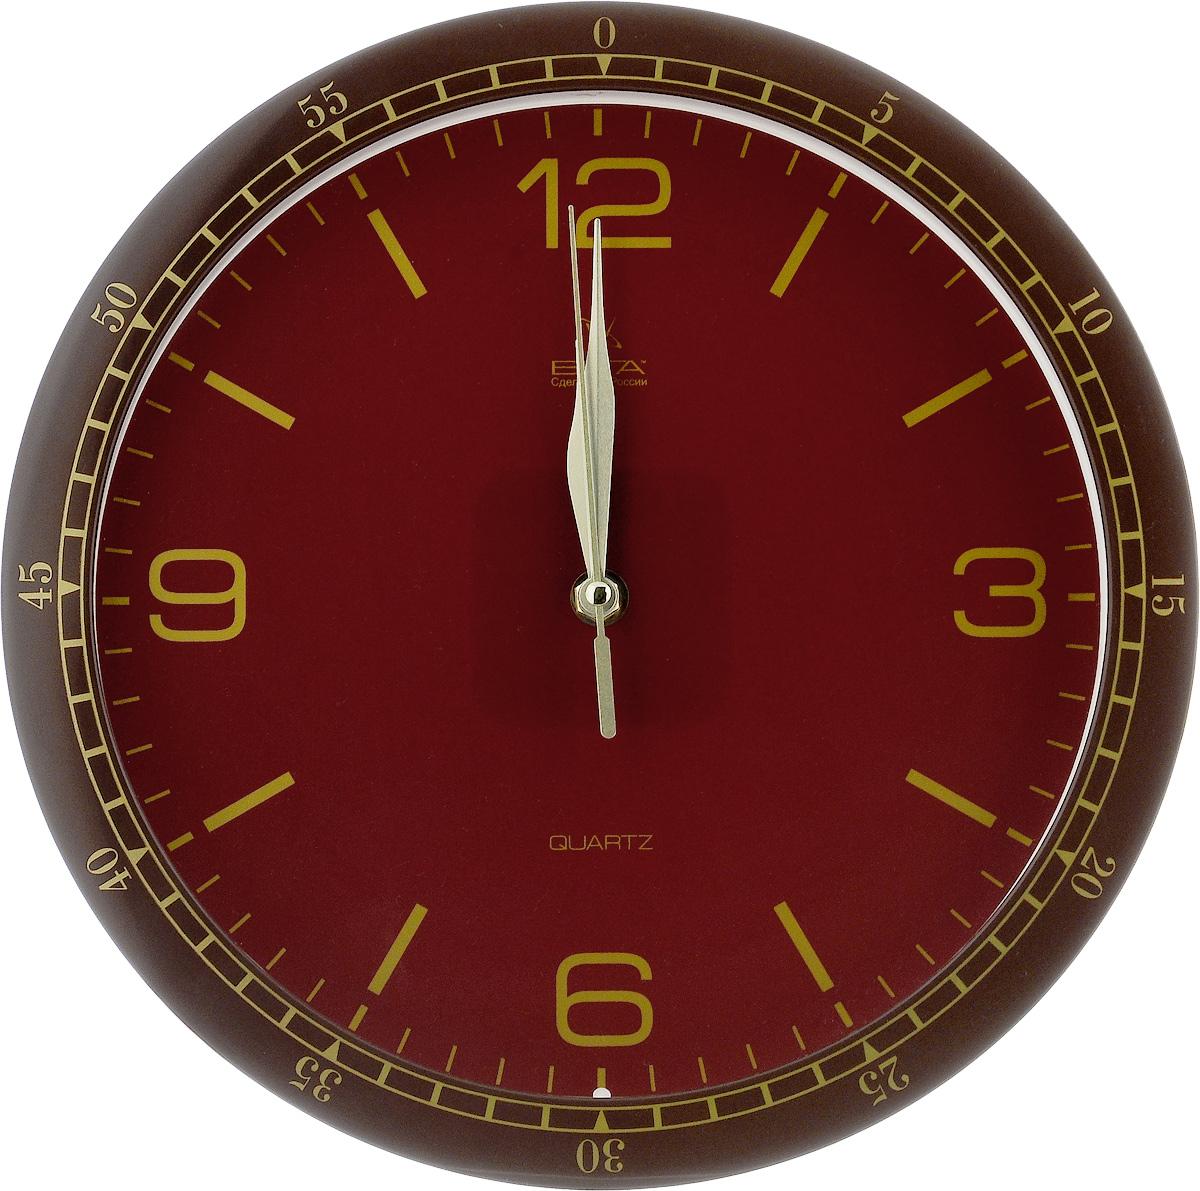 Часы настенные Вега Классика, цвет: коричневый, бордовый, золотой, диаметр 28,5 смП1-9815/7-64Настенные кварцевые часы Вега Классика, изготовленные из пластика, прекрасно впишутся в интерьер вашего дома. Круглые часы имеют три стрелки: часовую, минутную и секундную, циферблат защищен прозрачным стеклом. Часы работают от 1 батарейки типа АА напряжением 1,5 В (не входит в комплект). Диаметр часов: 28,5 см.